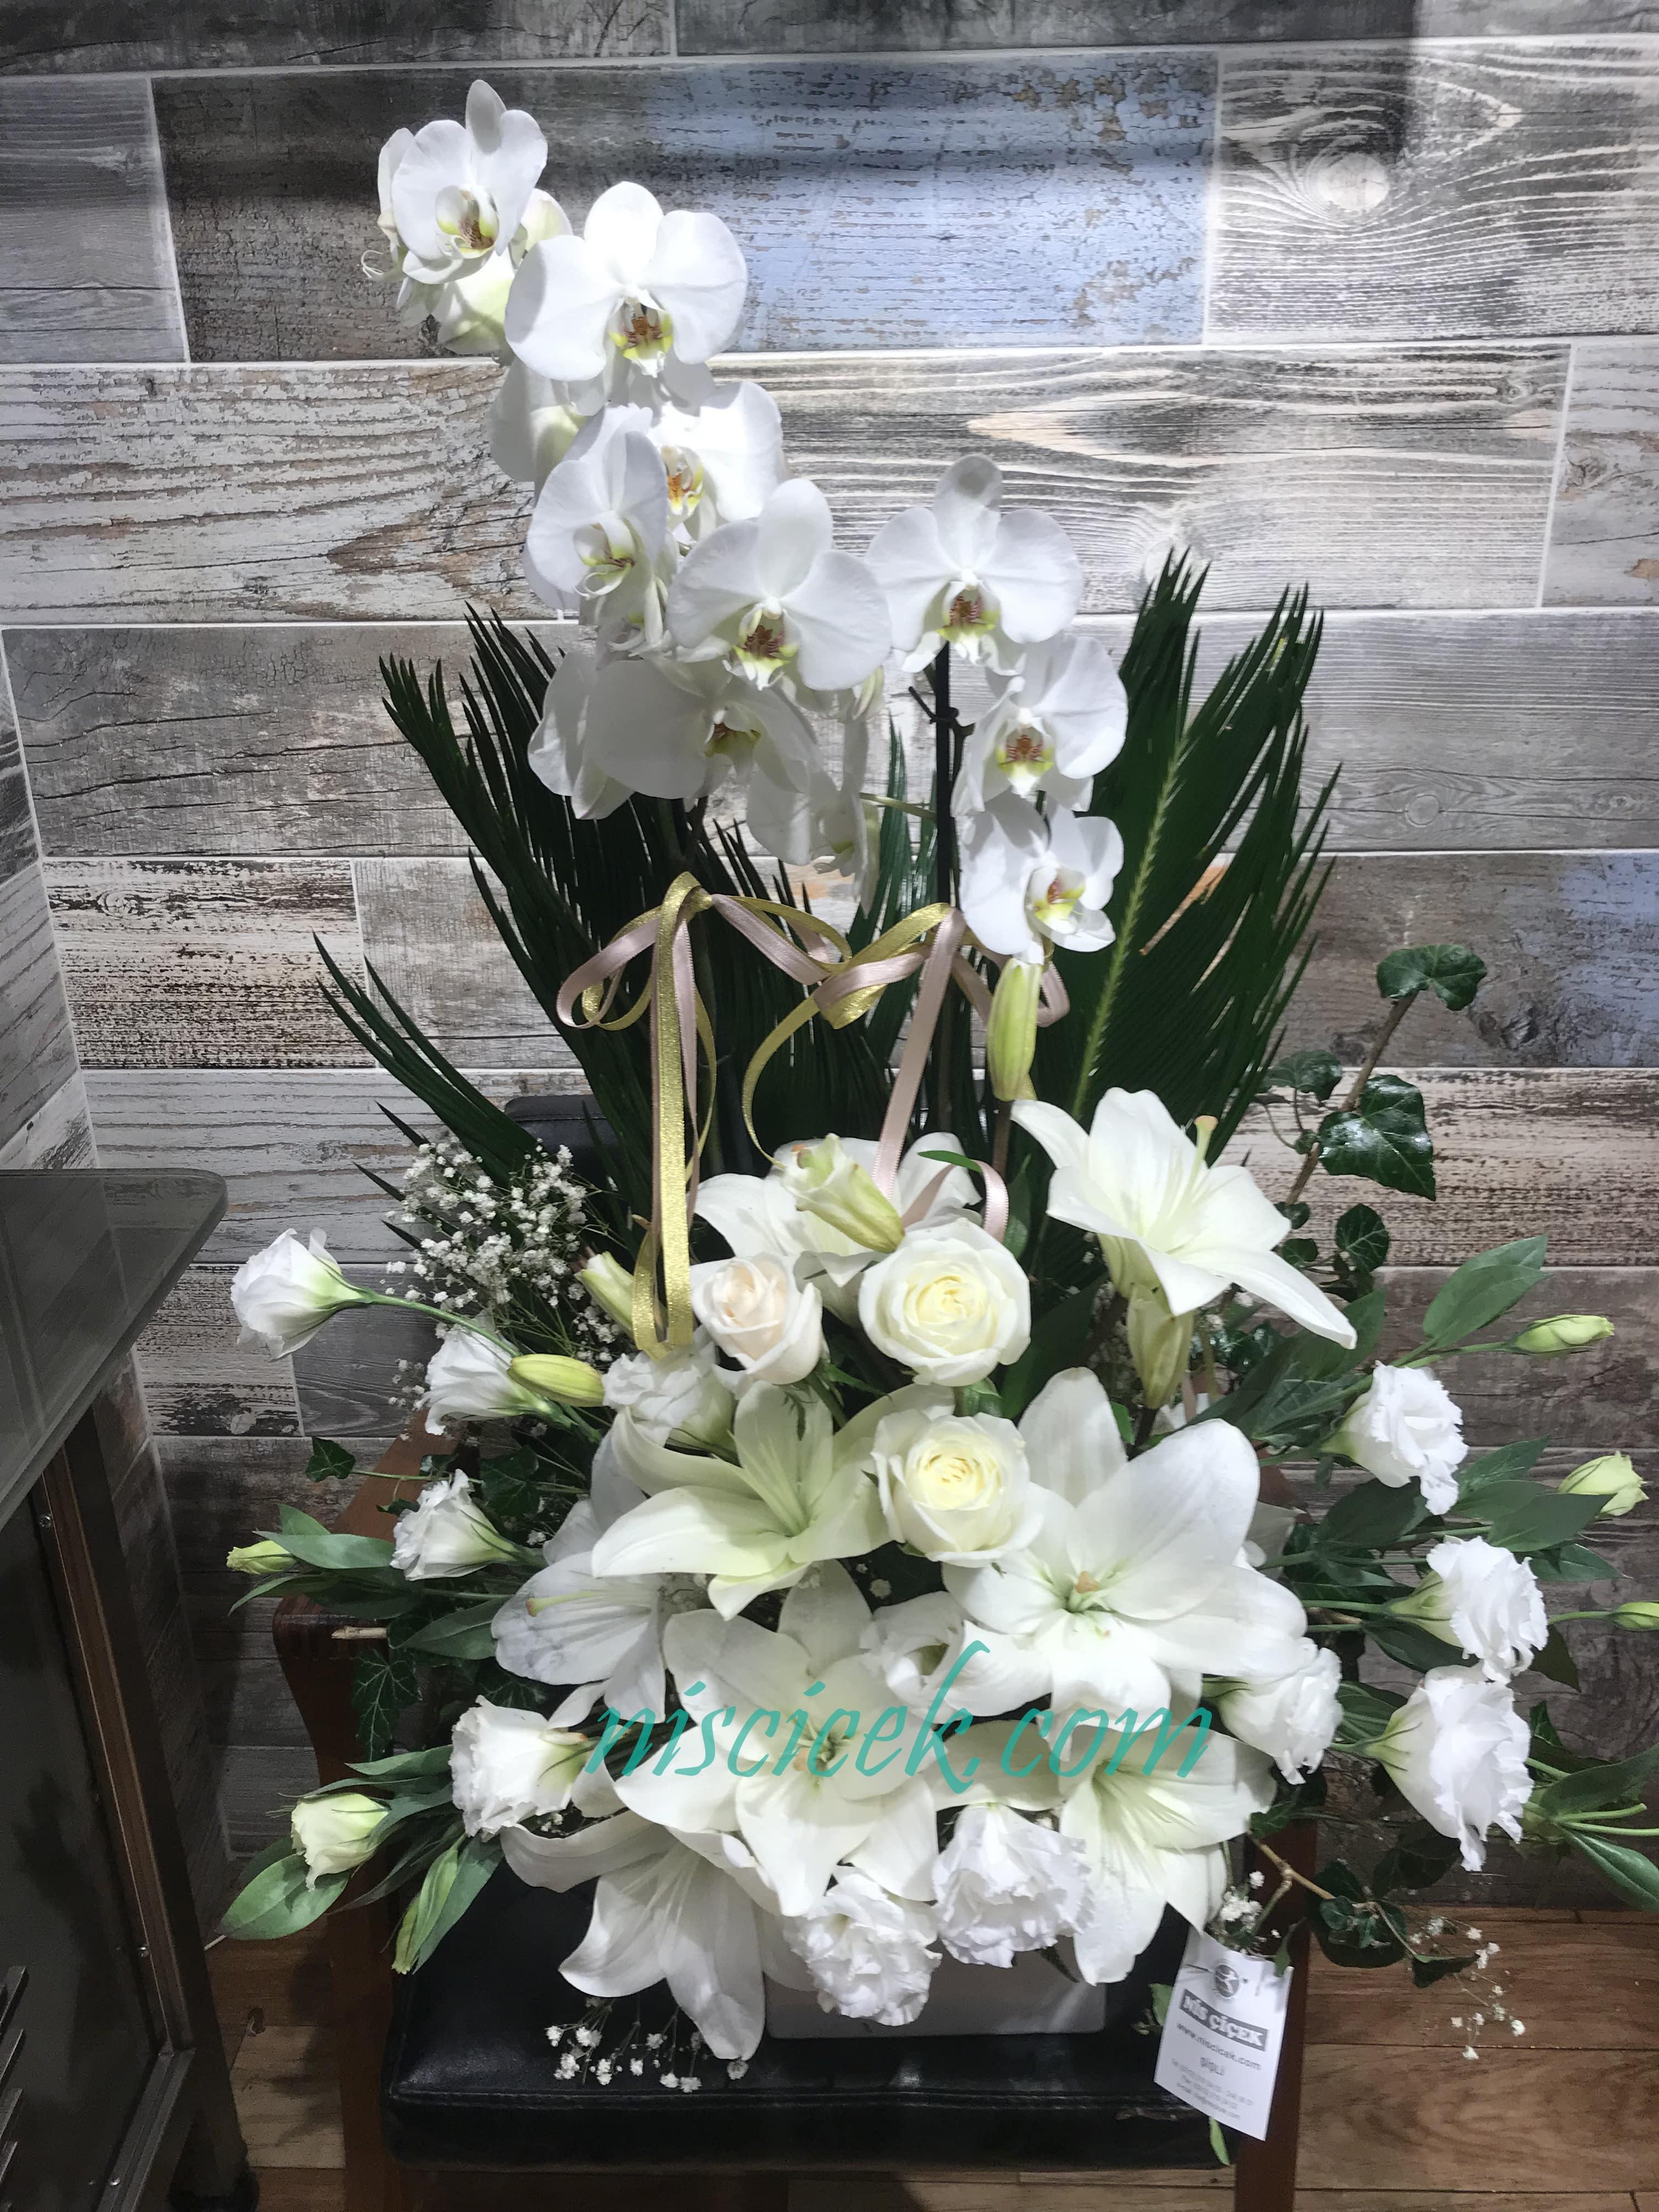 Seramik Saksıda 2 Köklü Beyaz Orkide Lilyumlu,Güllü ve Lisyantuslu Tanzim - Ürün Kodu:732